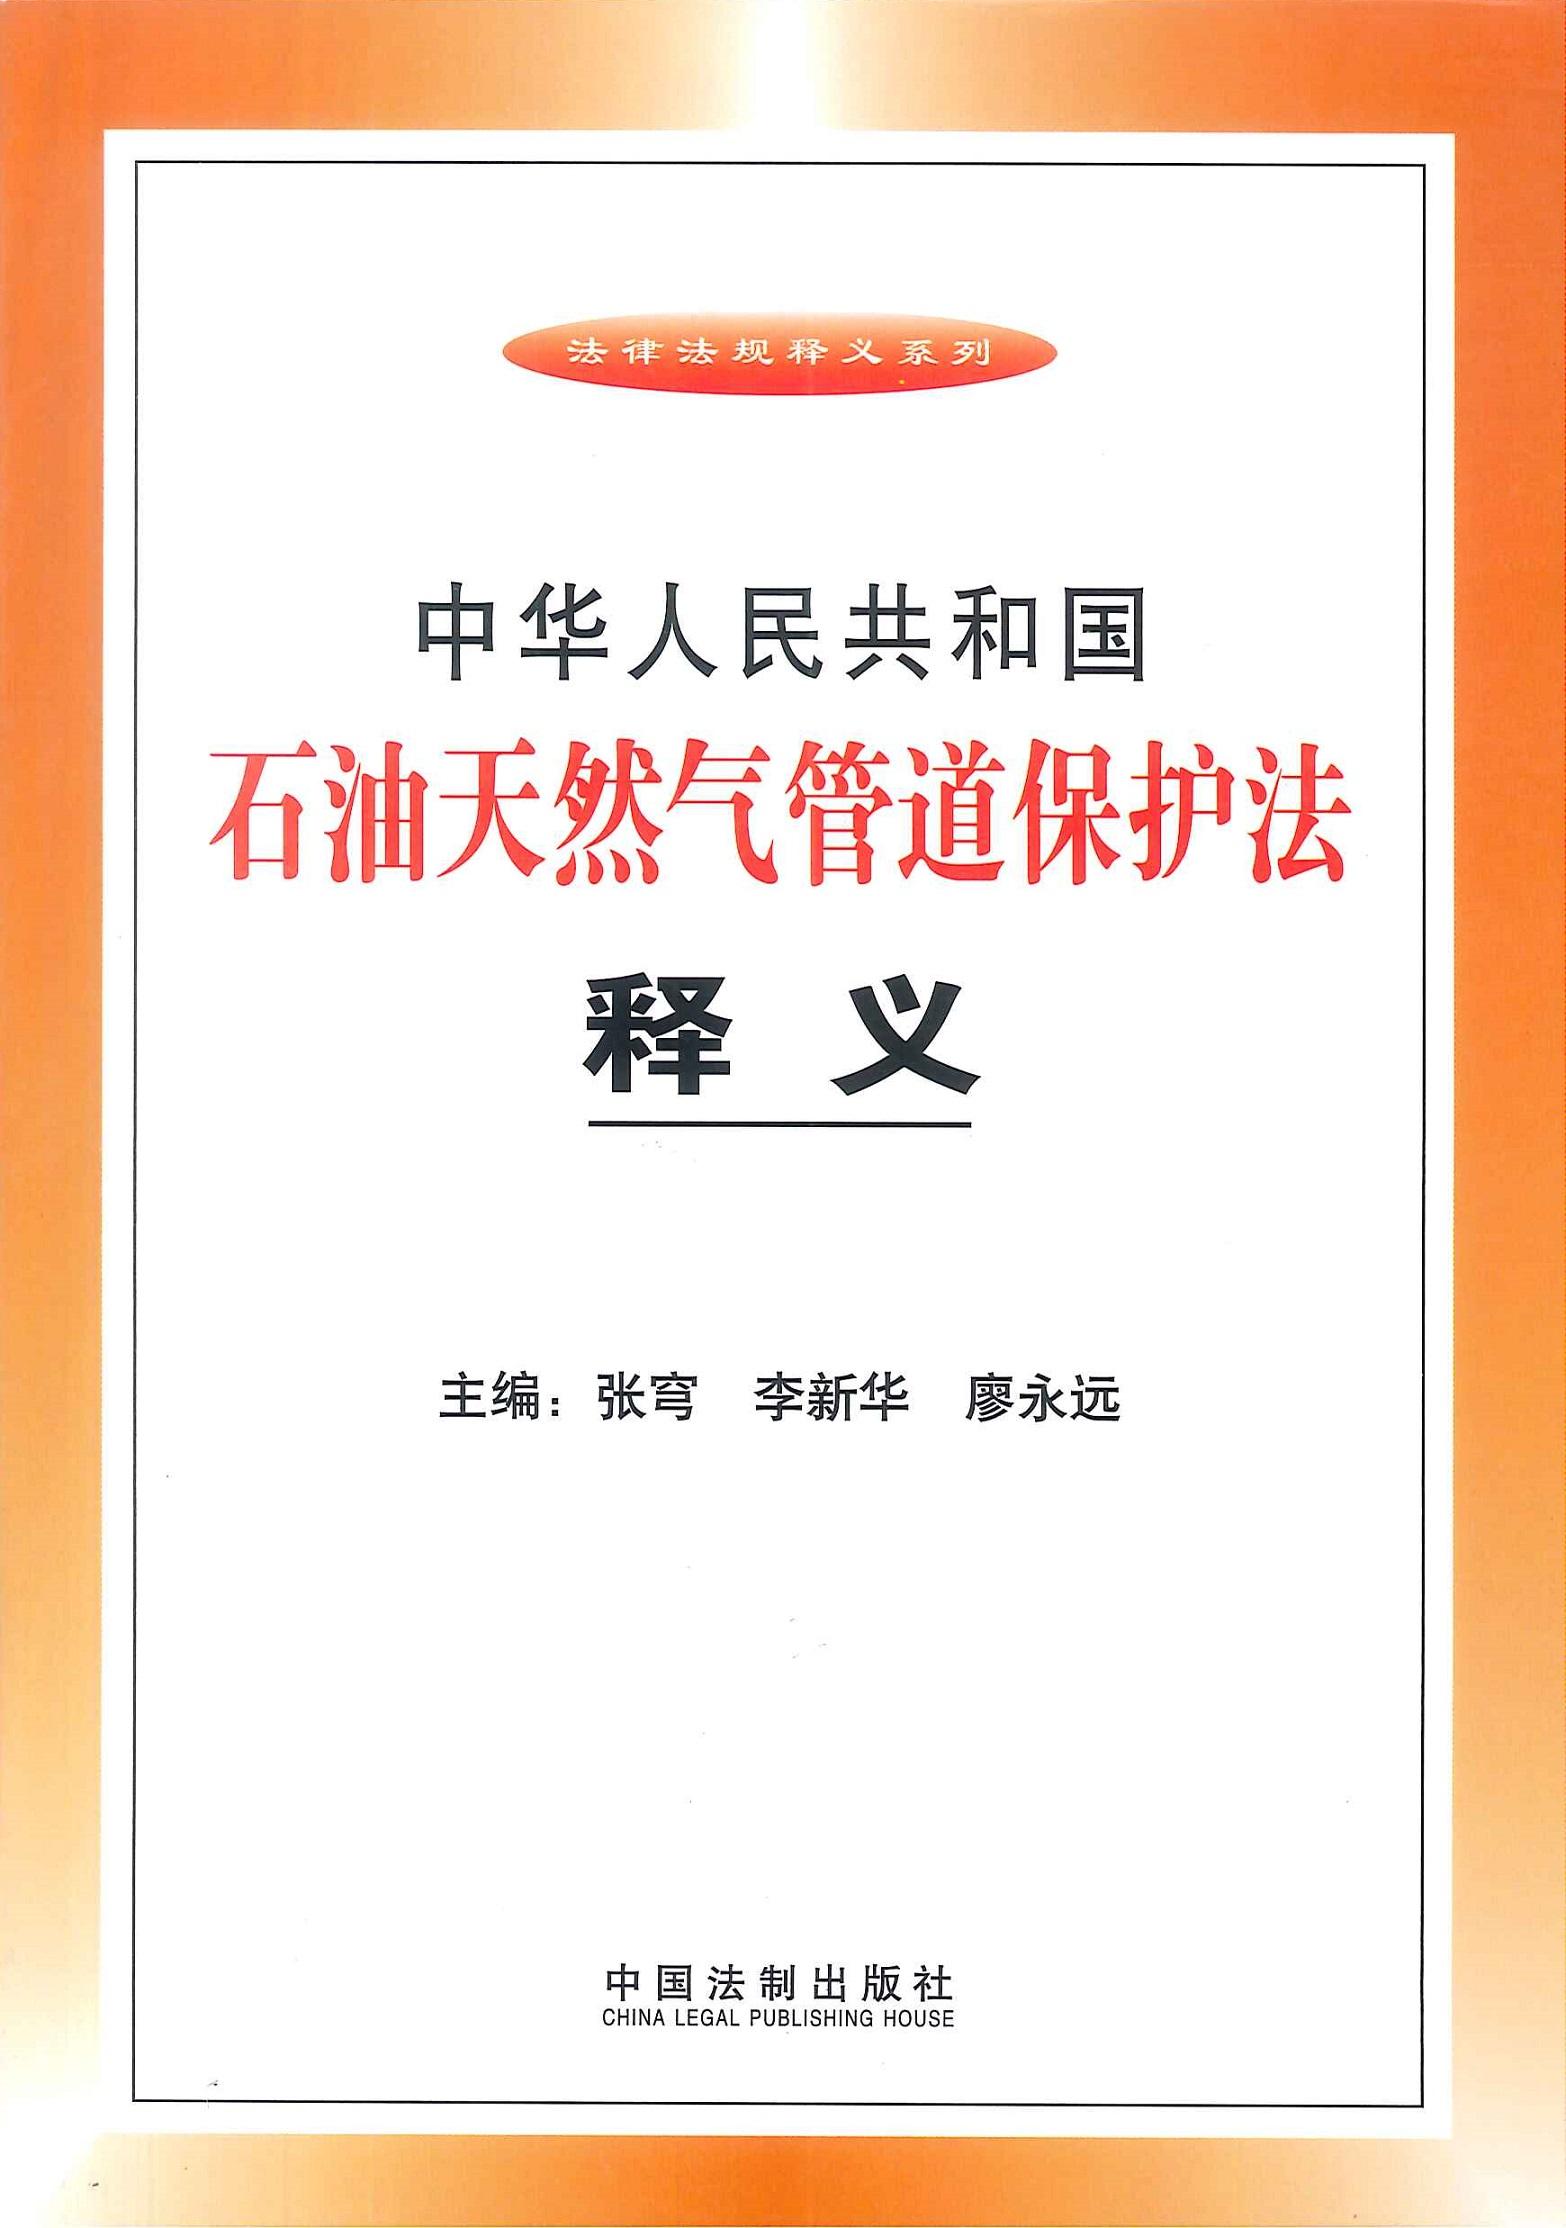 中华人民共和国石油天然气管道保护法释义